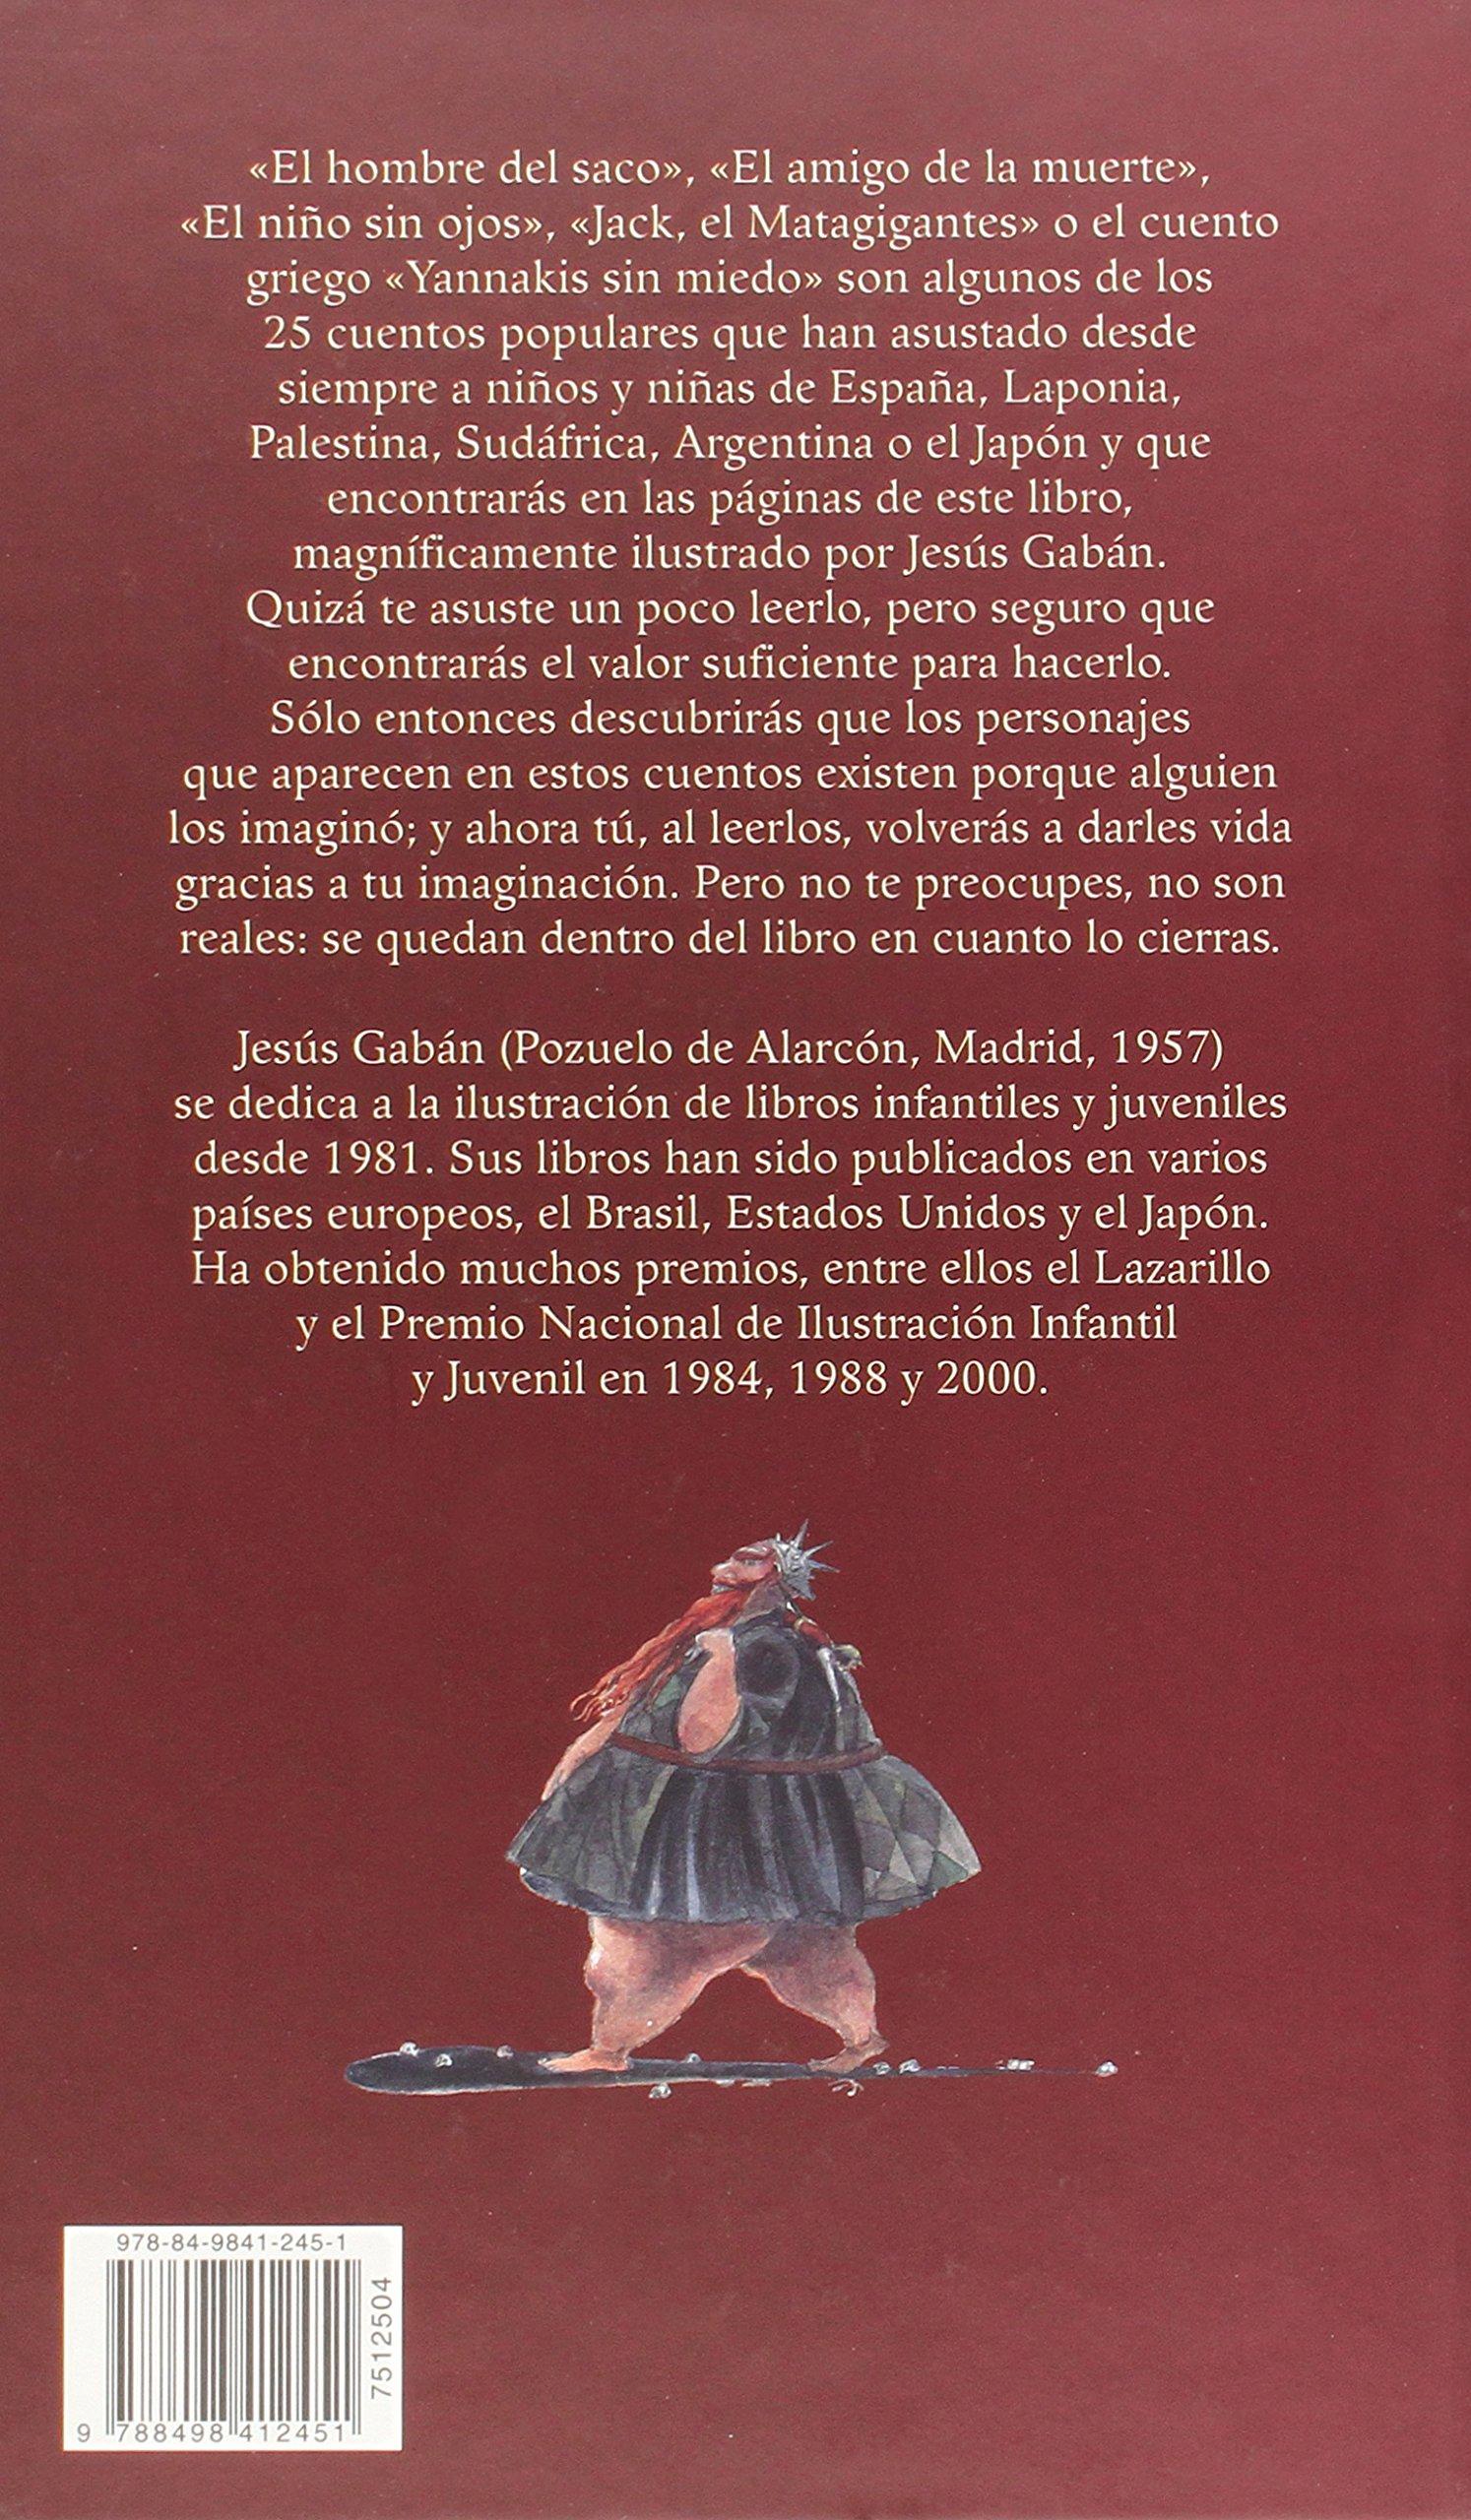 25 Cuentos populares de miedo (Spanish Edition): Ana Cristina Herreros: 9788498412451: Amazon.com: Books